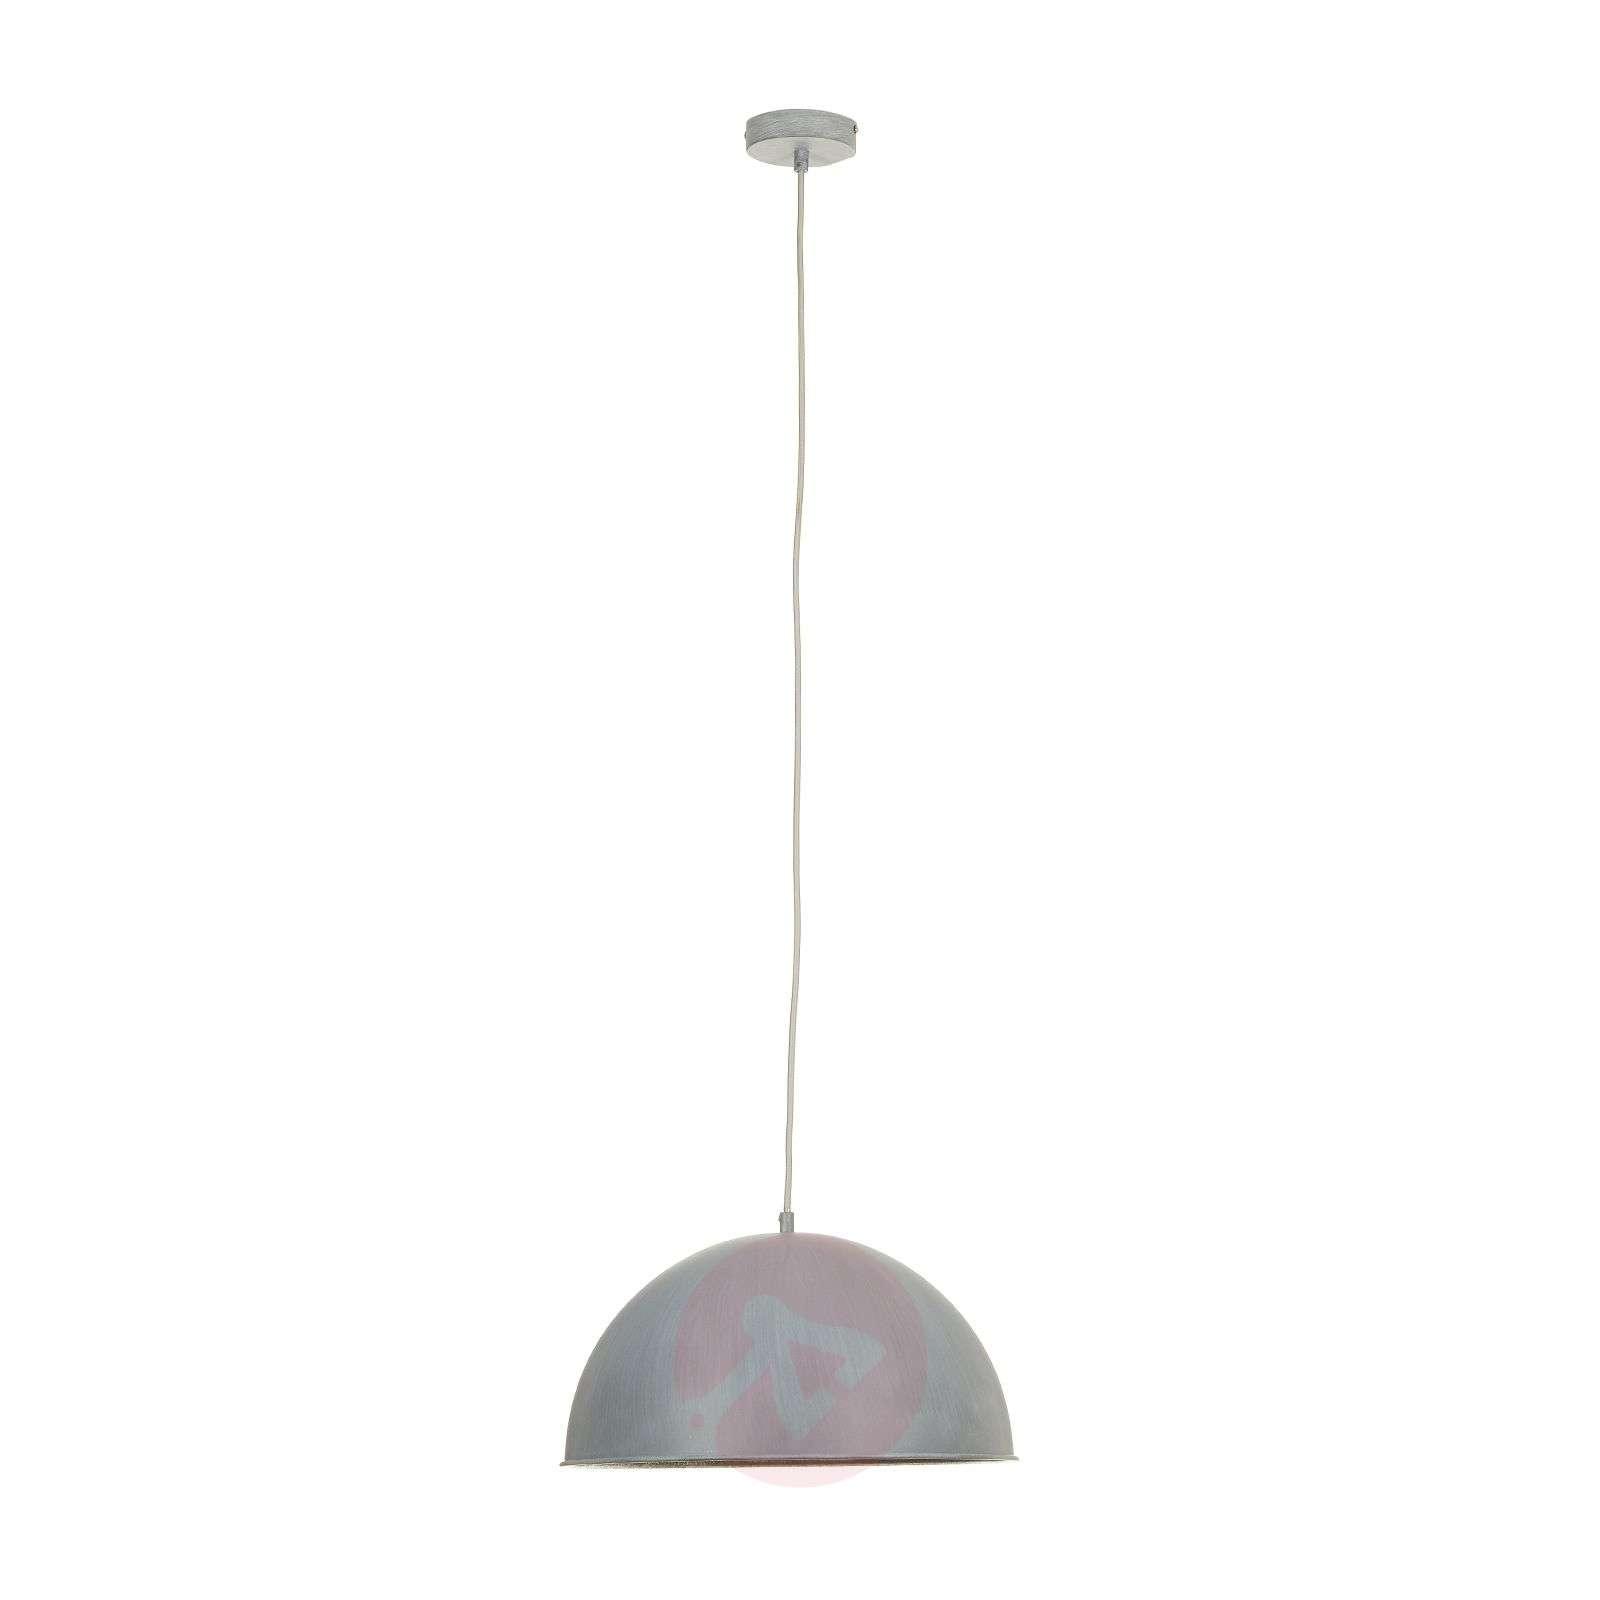 Miram – betonityylinen riippuvalaisin-4015070-03